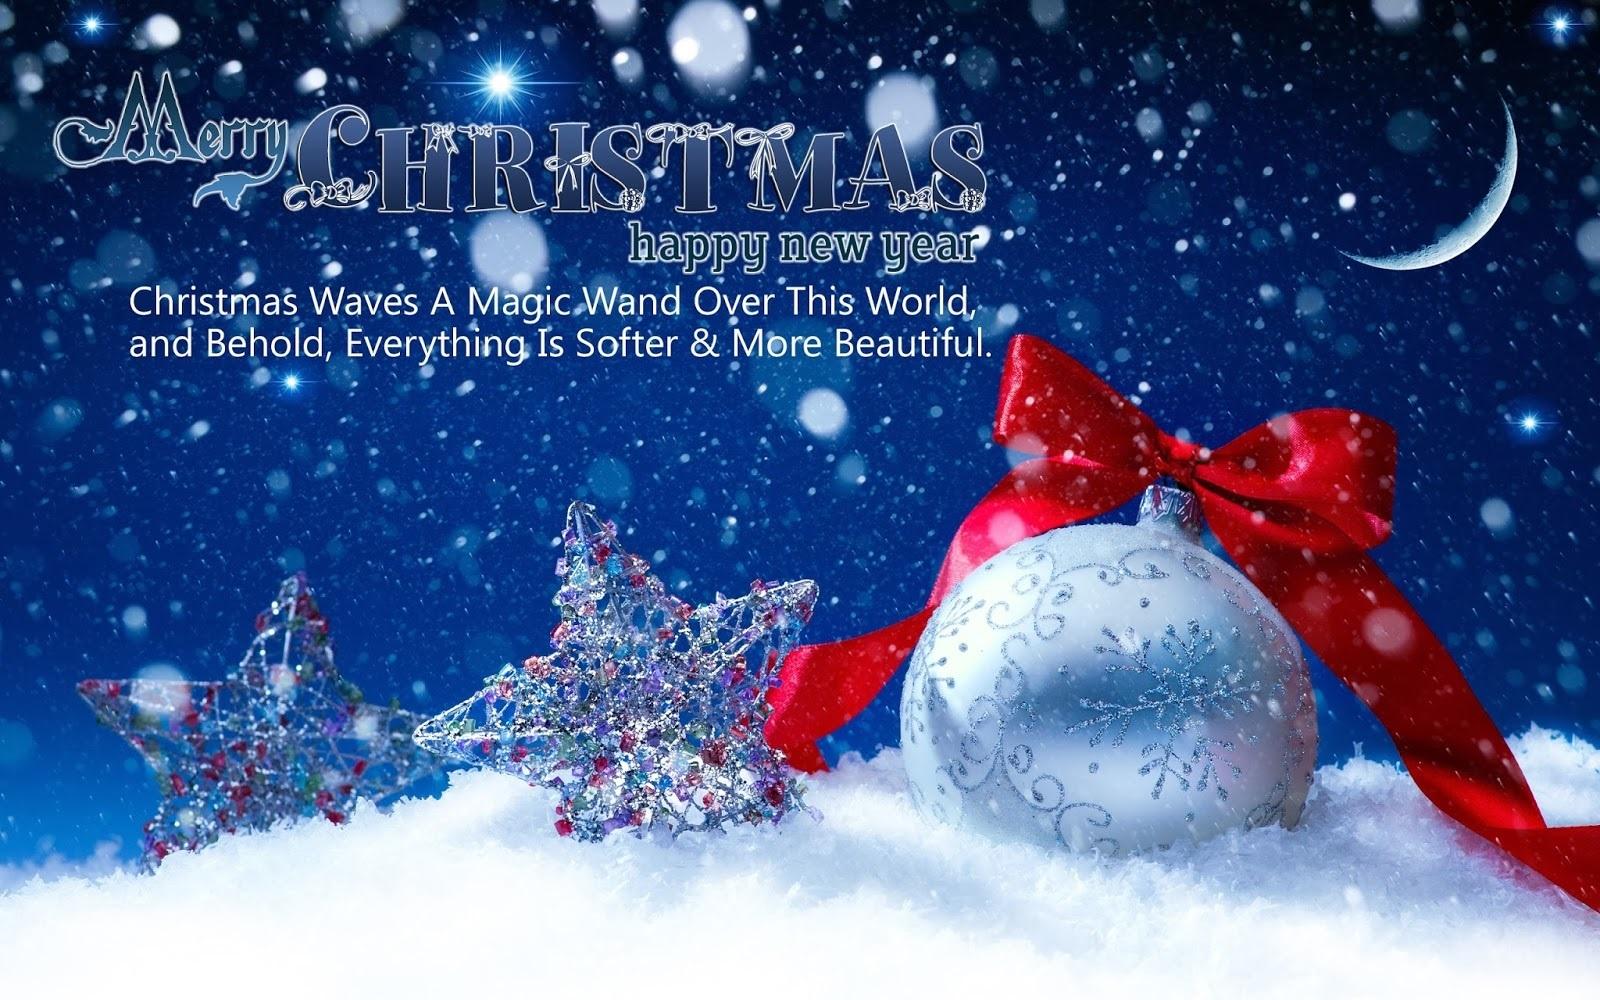 8 Merry Christmas Card